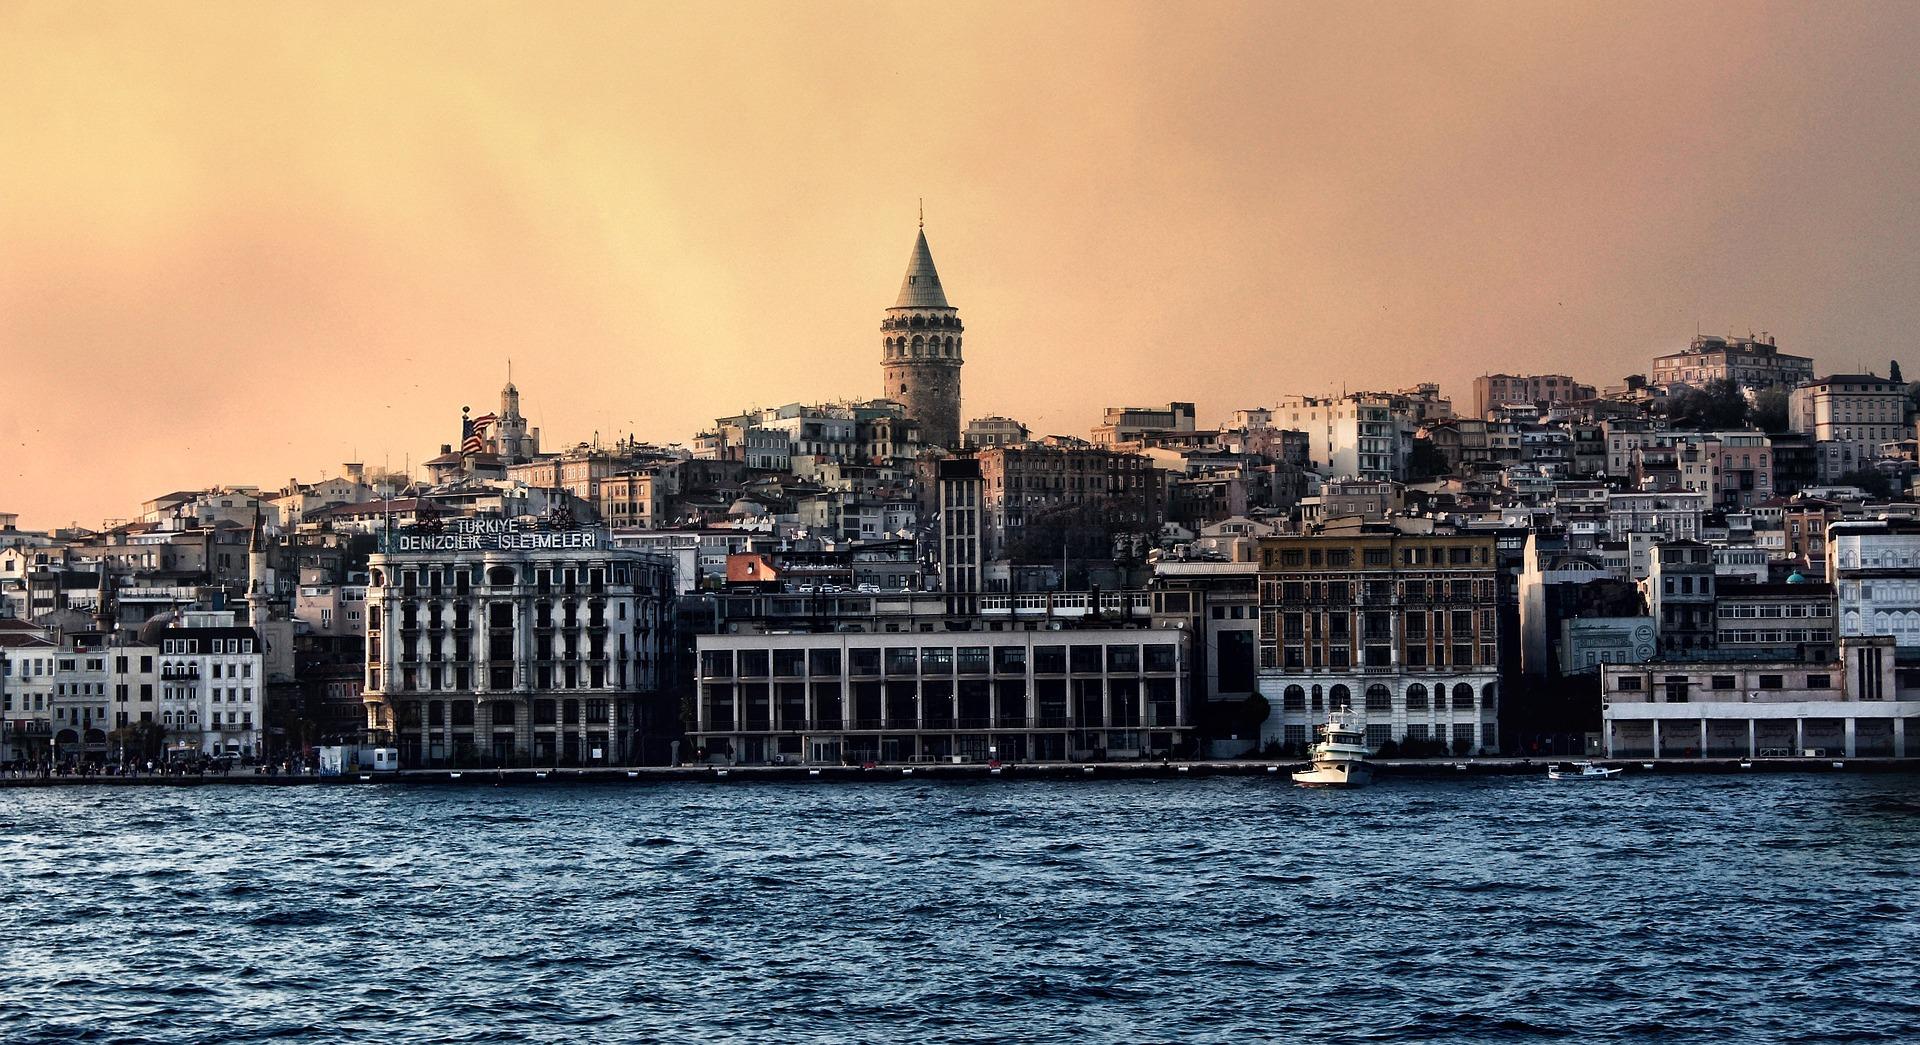 Αυτός είναι ο δρόμος, προς την Τουρκική μεταπολίτευση…